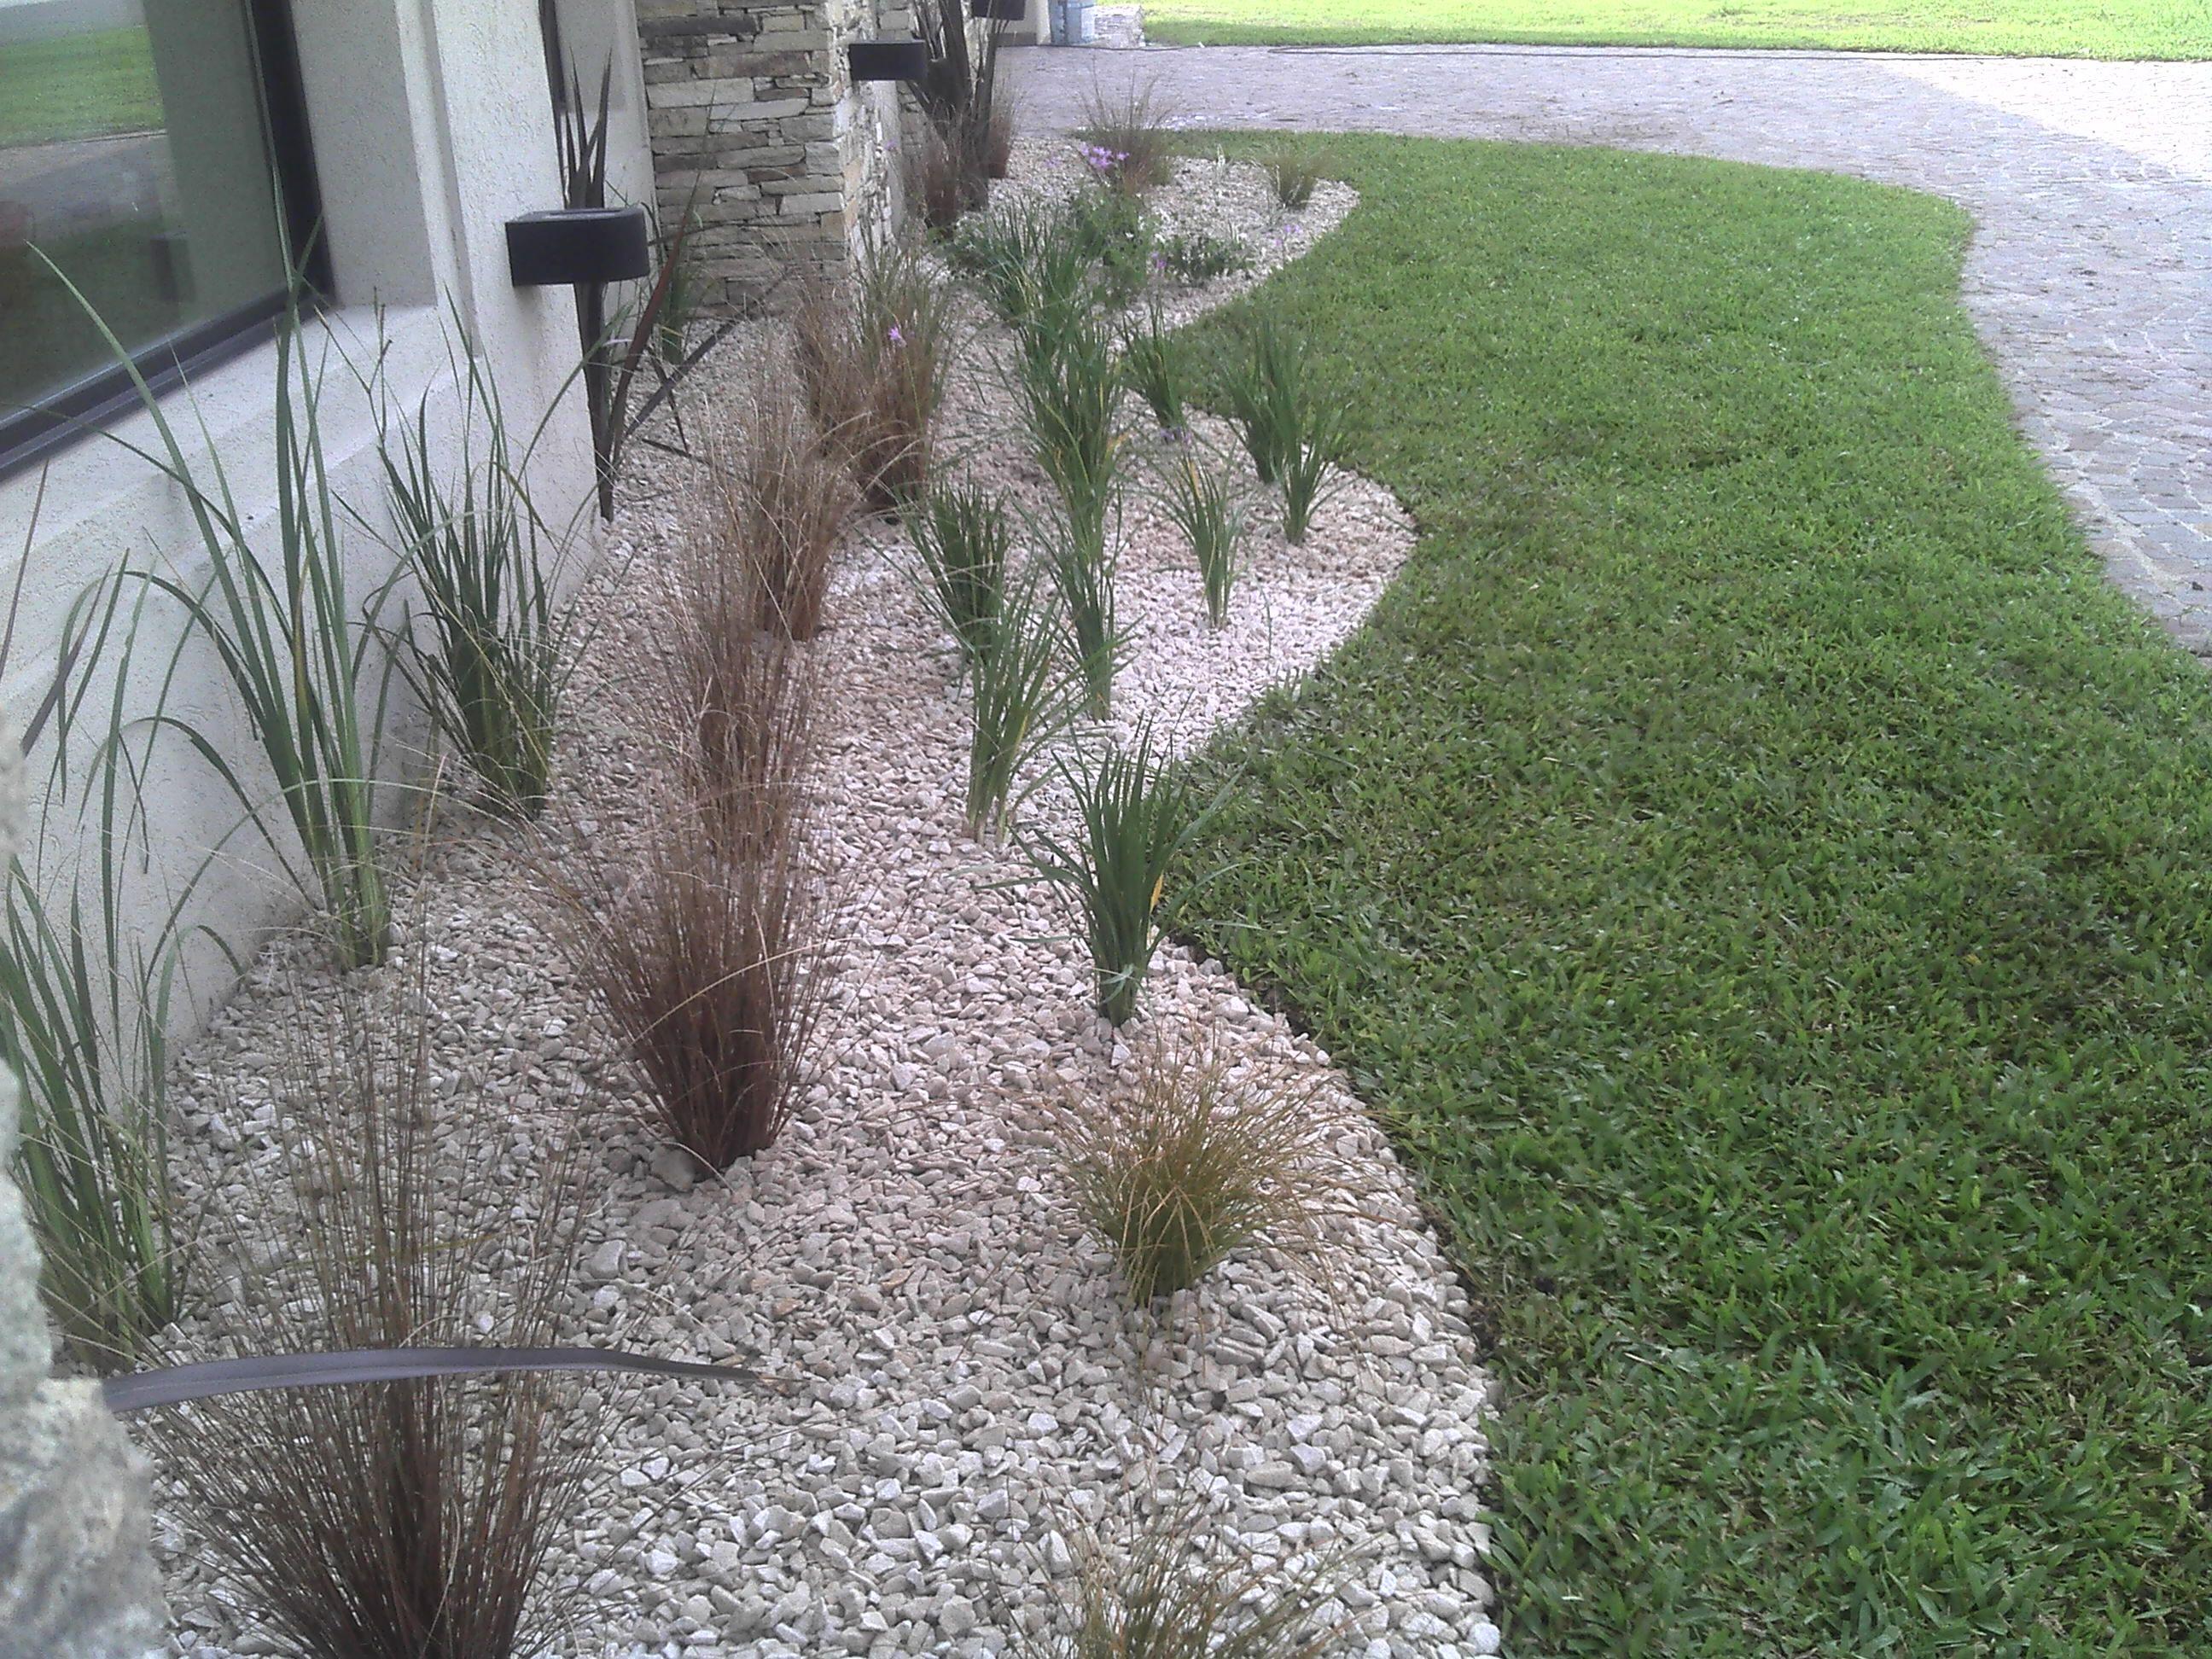 Dise o de canteros con piedra lugares y espacios for Piedras para decorar jardines